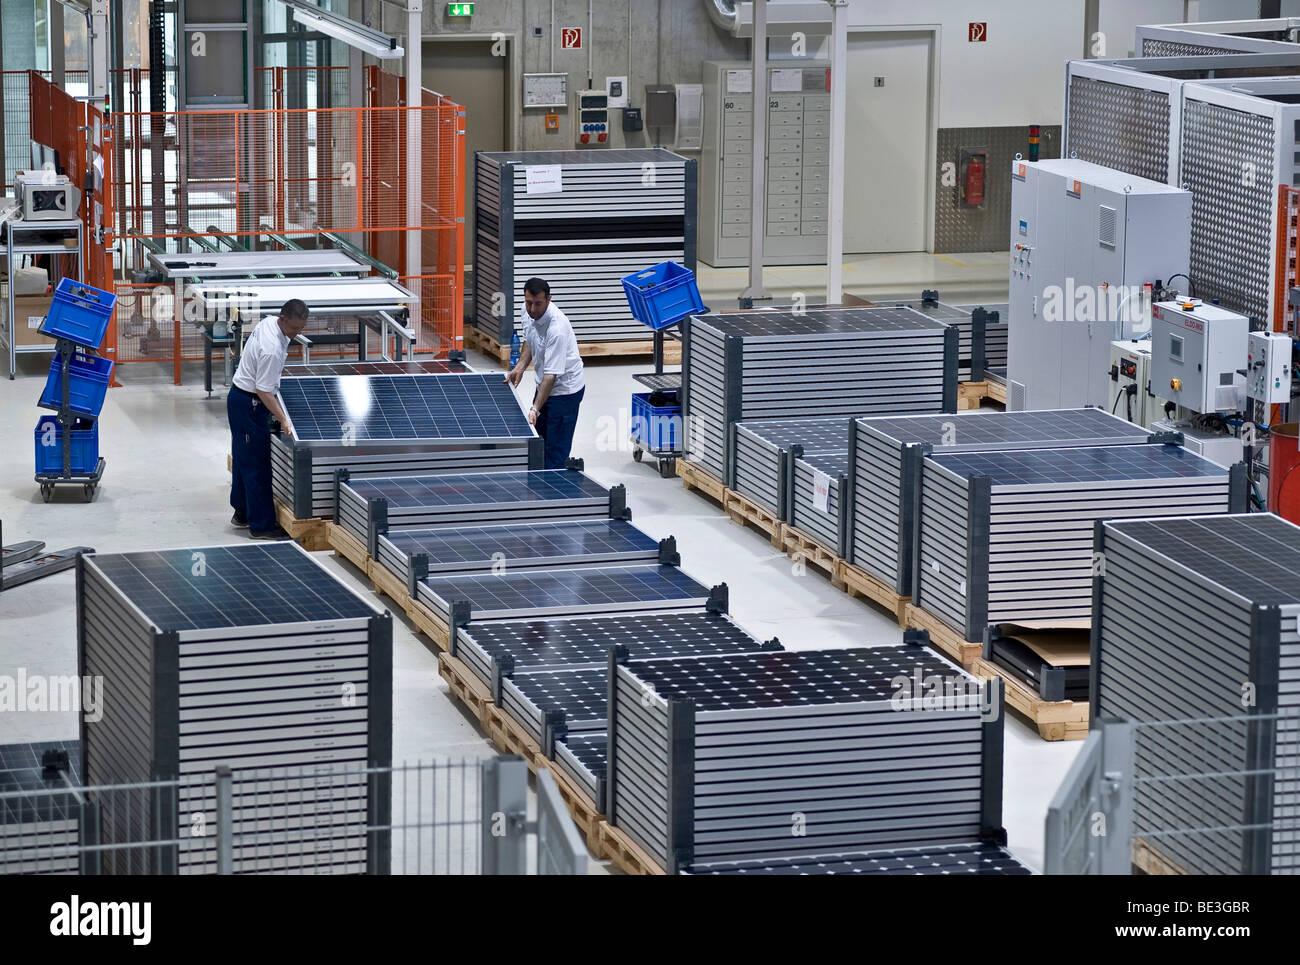 Le stockage, la production de modules solaires à SOLON SE, Berlin-Adlershof, Germany, Europe Photo Stock